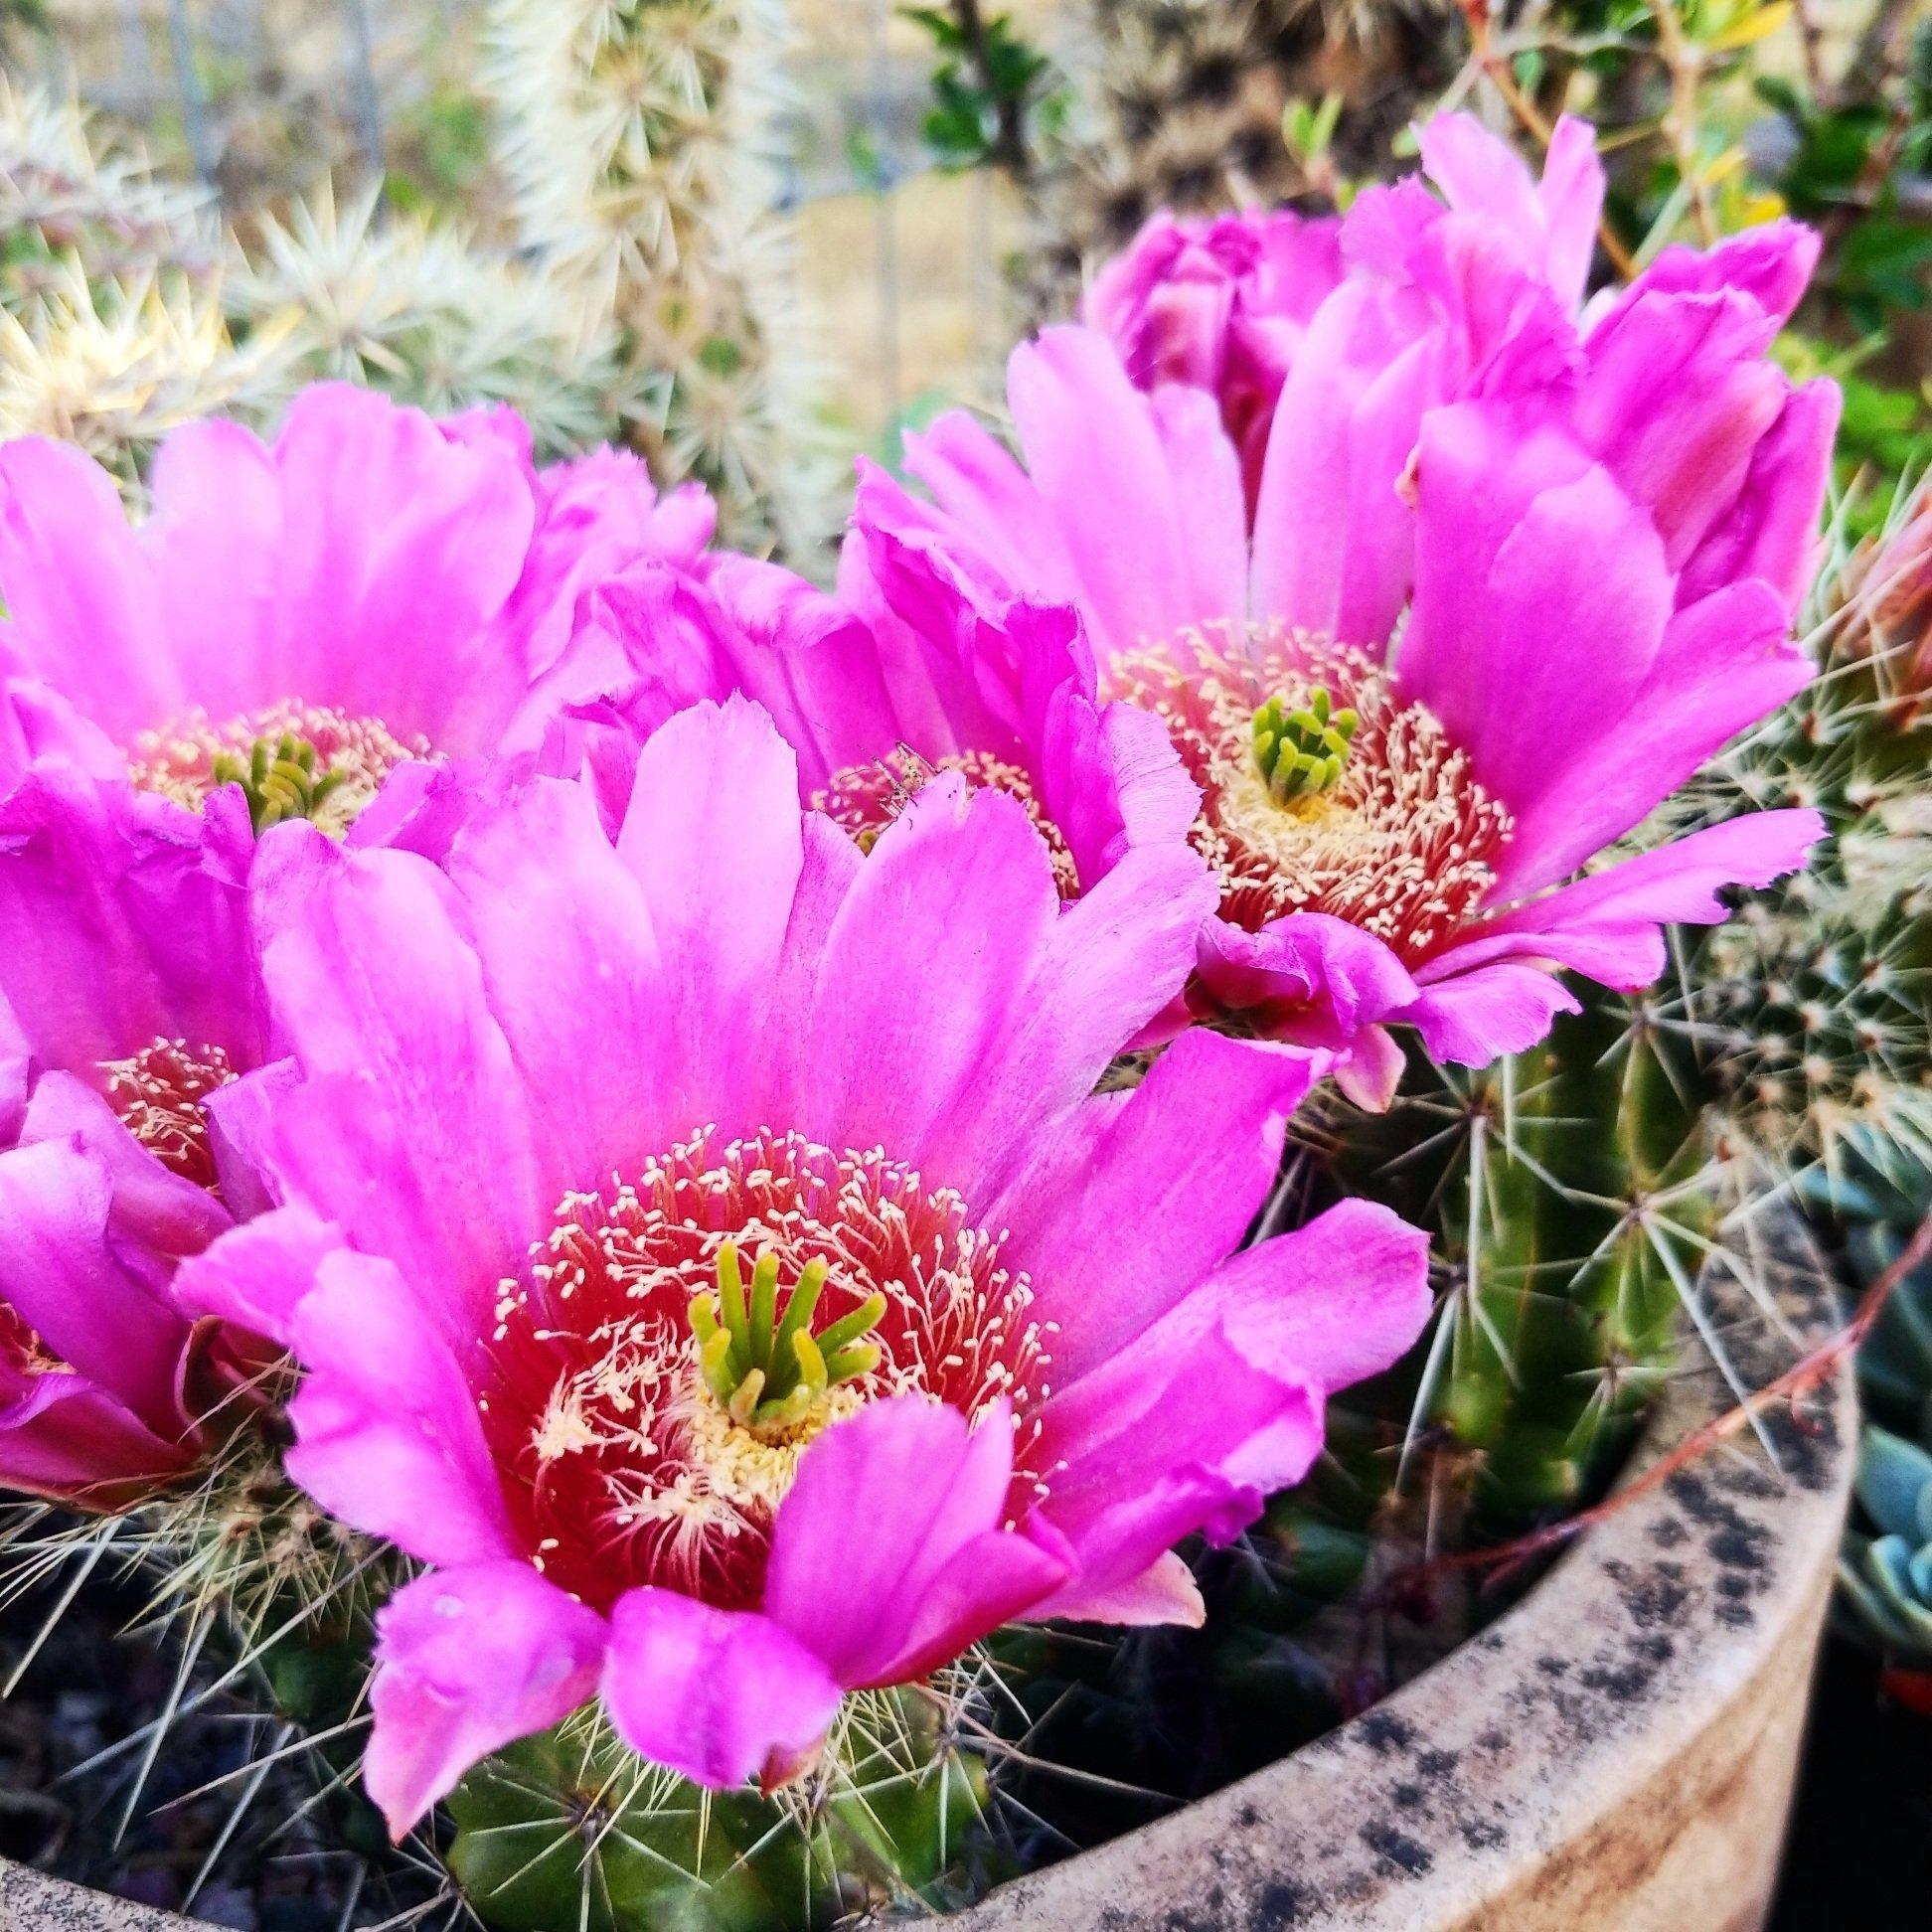 Cactus Blog - Cactus Jungle